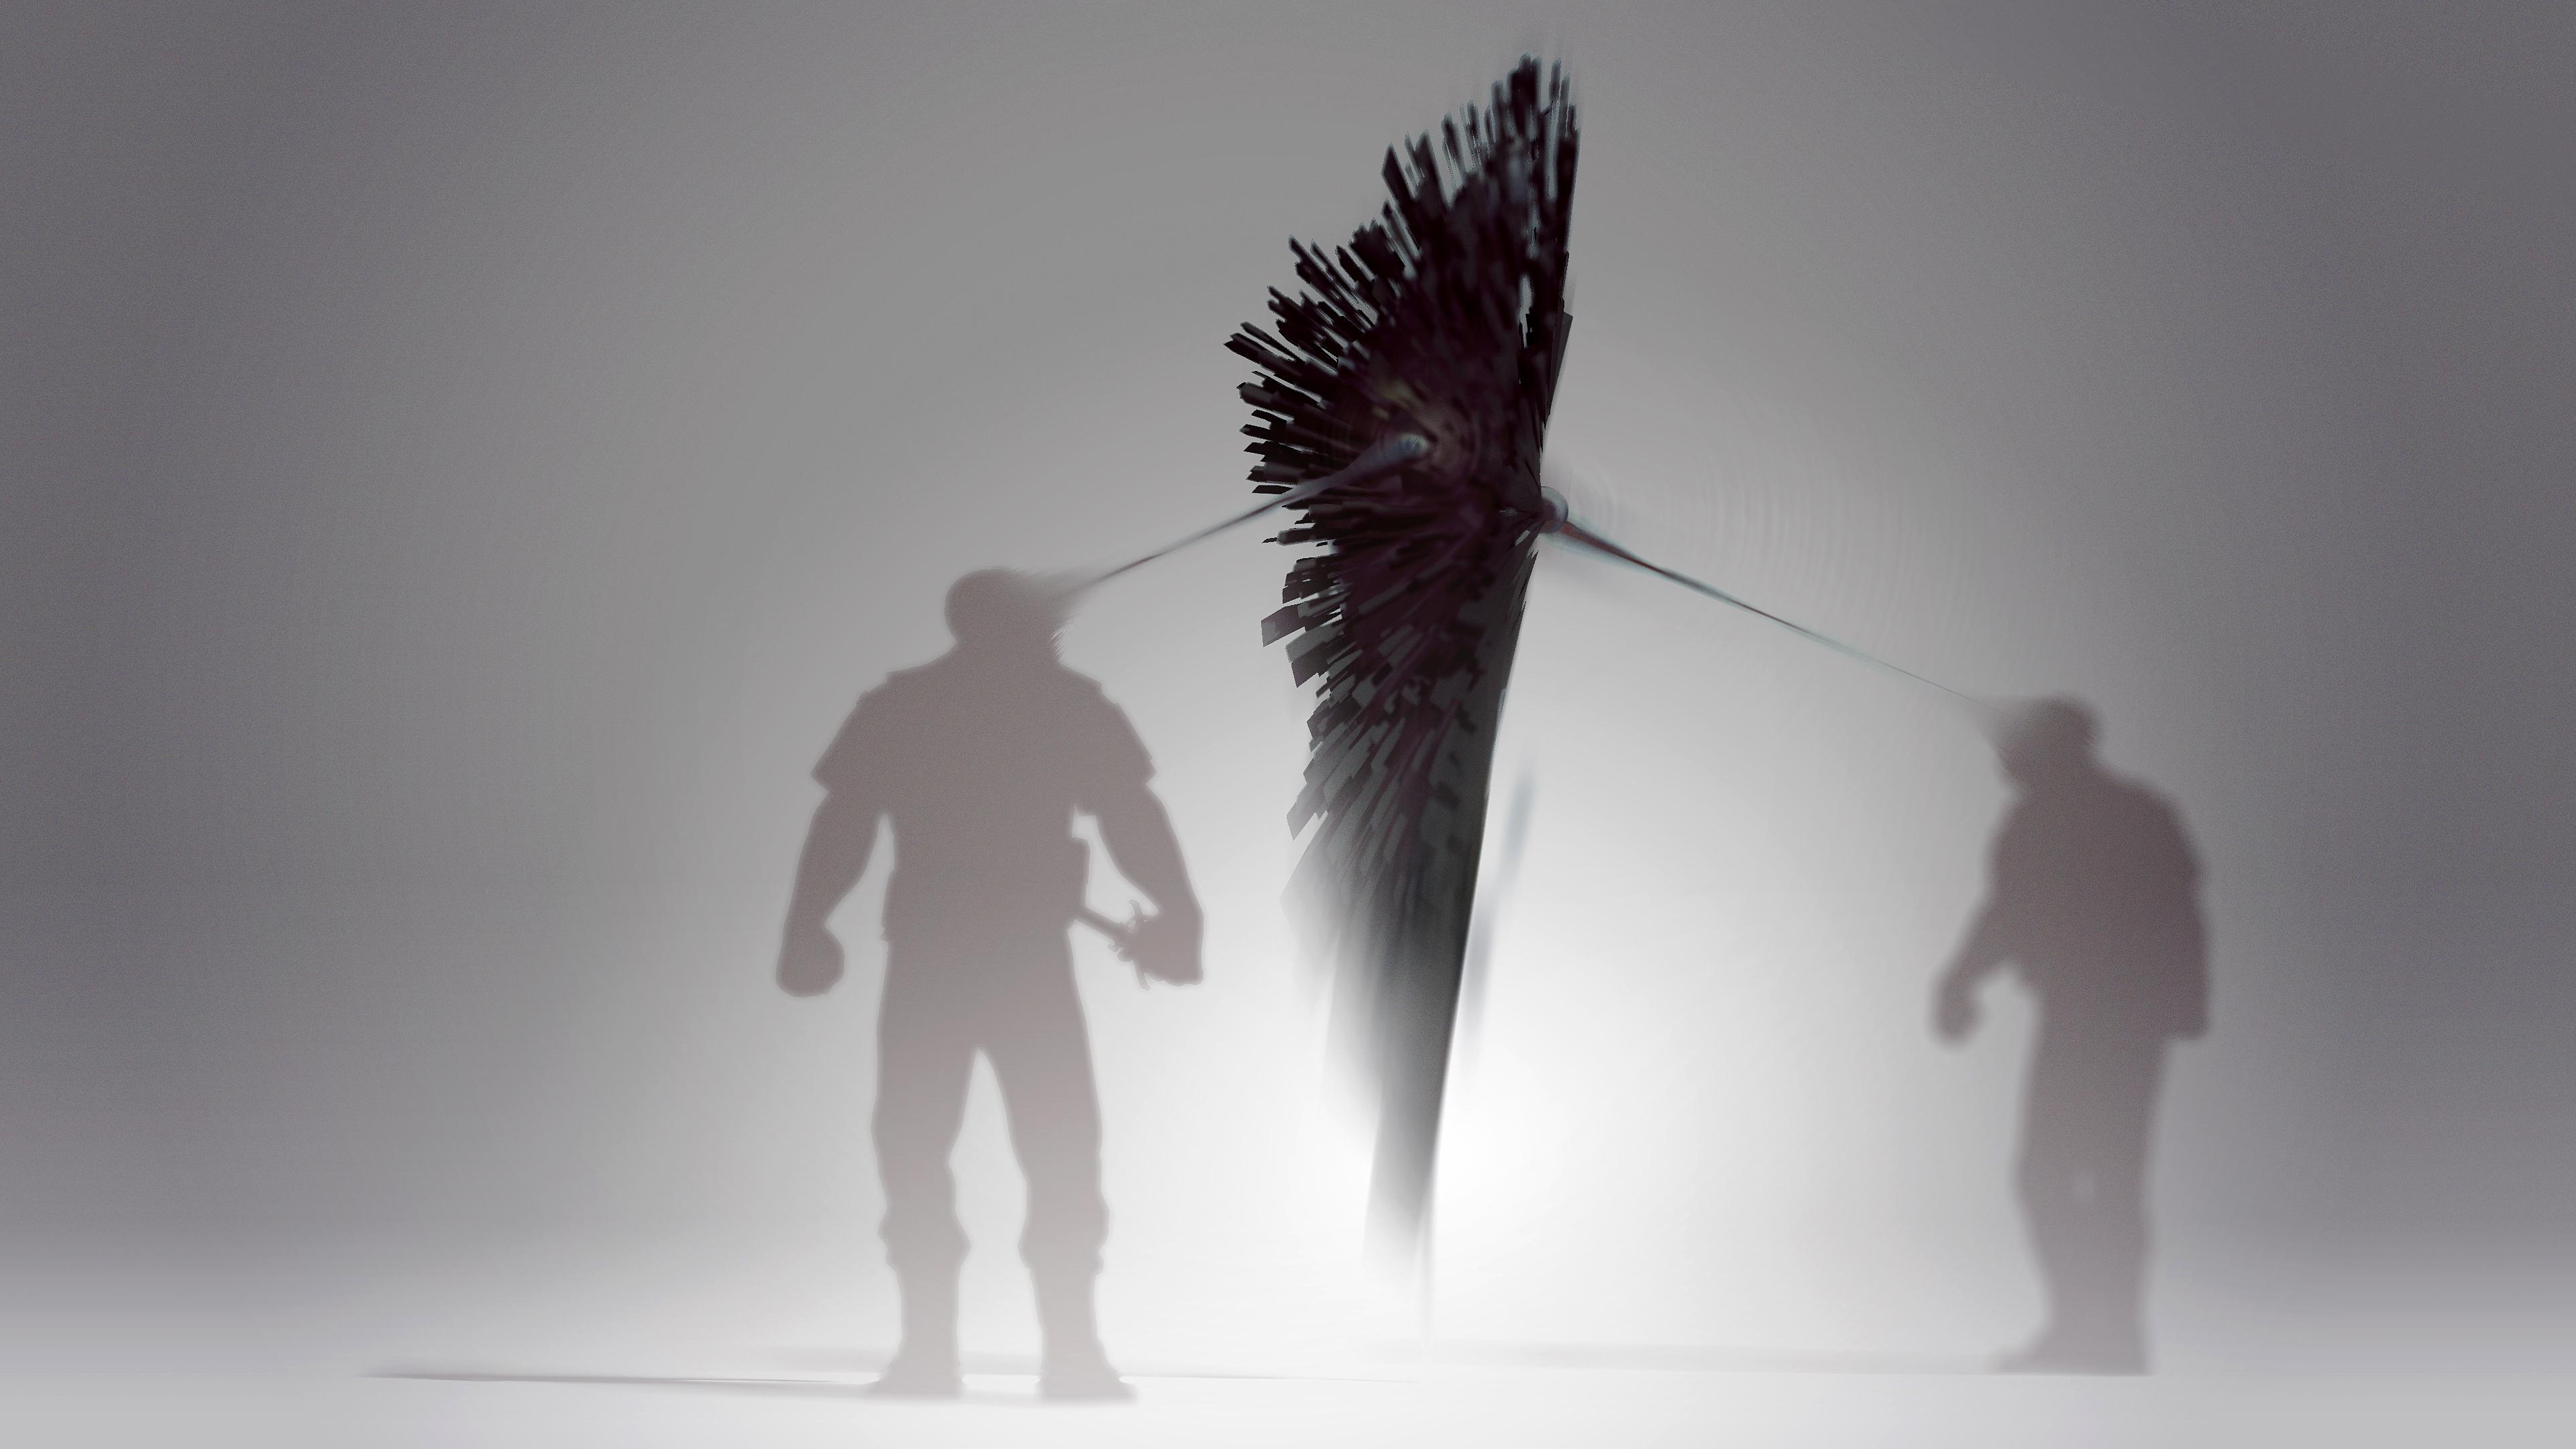 Prohlédněte si zbraně z Dishonored 2 132171